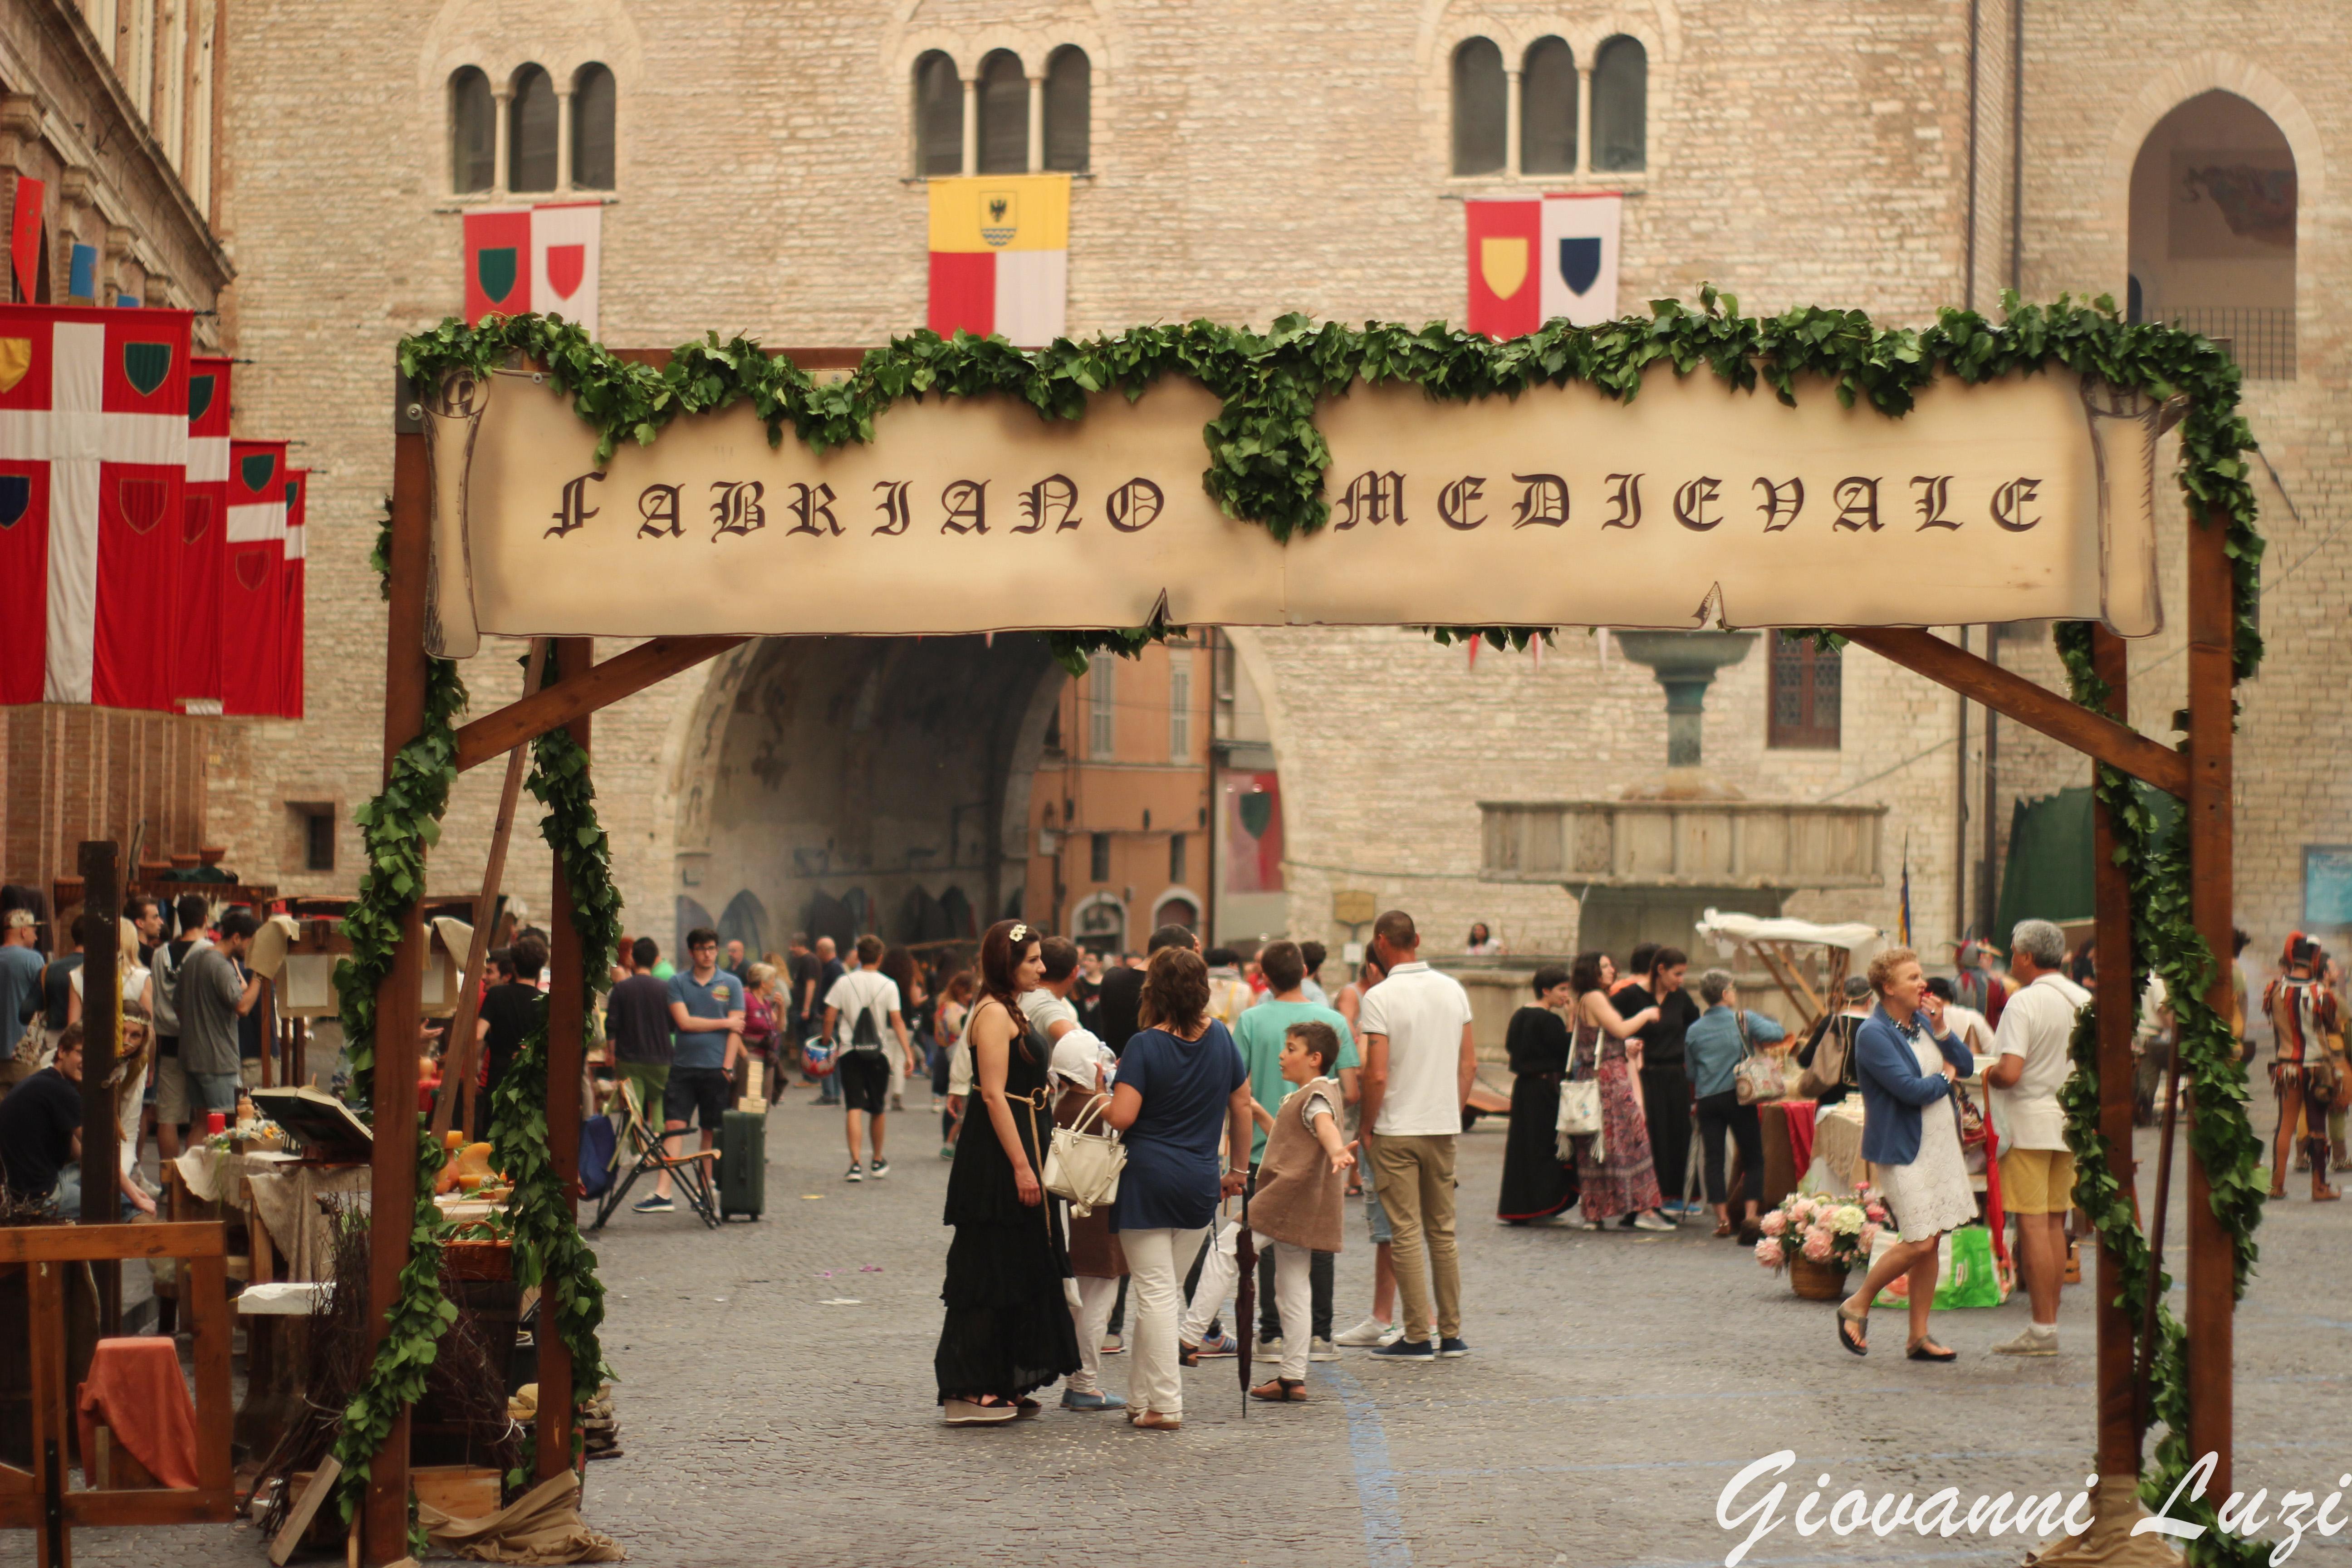 La città di Fabriano con le botteghe medievali durante il Palio di San Giovanni Battista